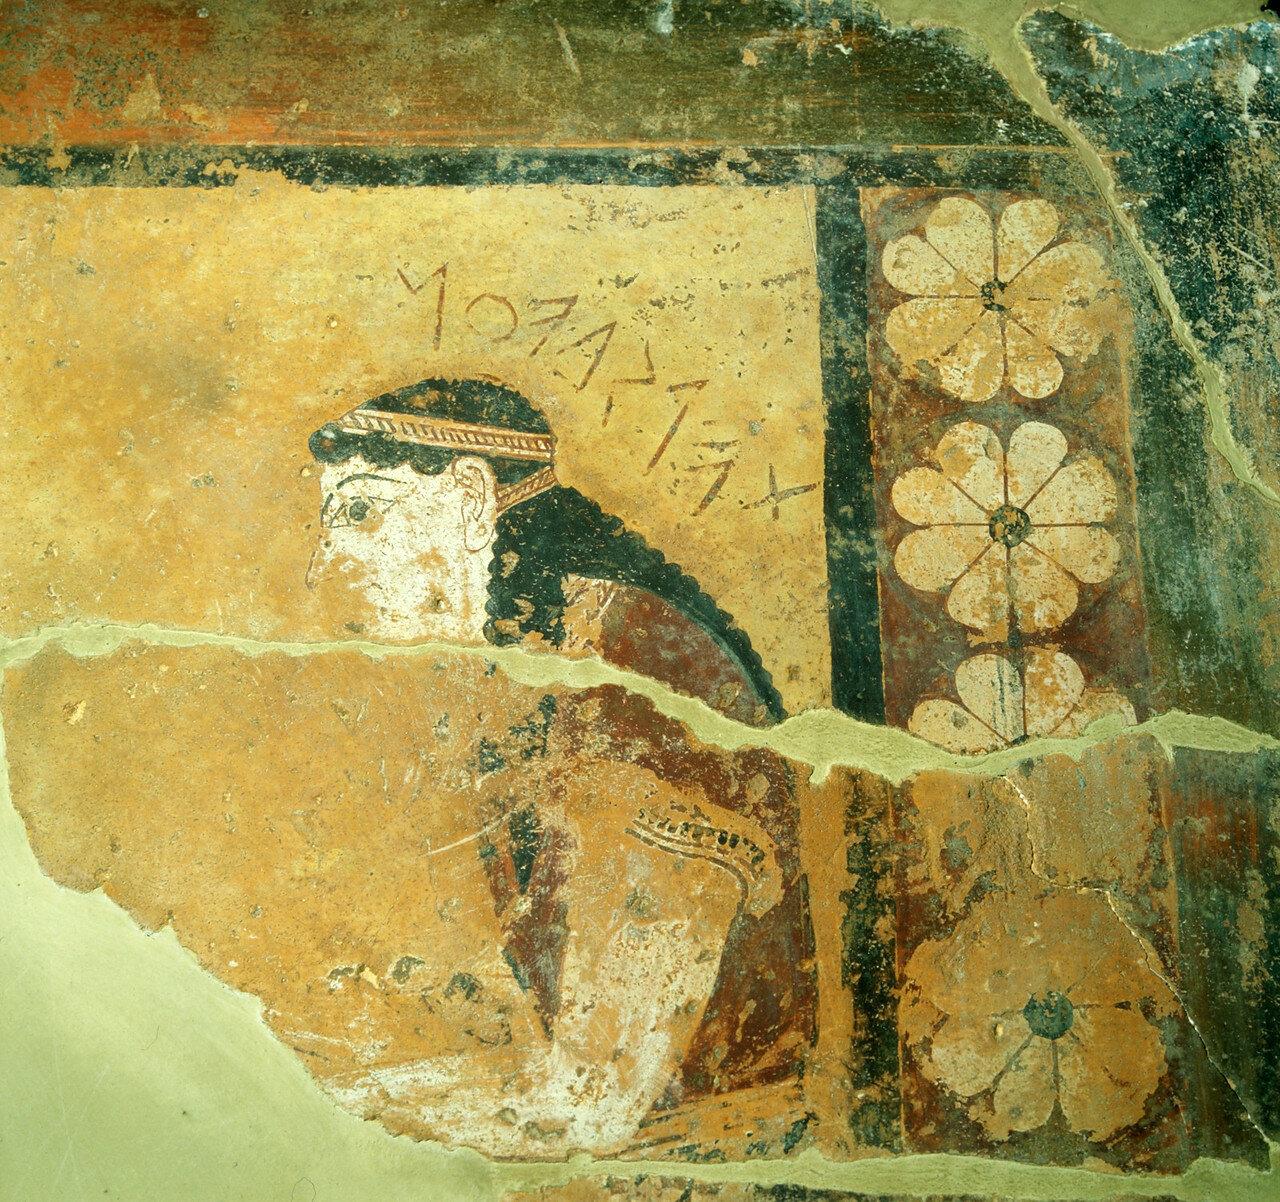 Окрашенный метоп с длинной стороны храма, Коринф, около 625 г. до н.э.